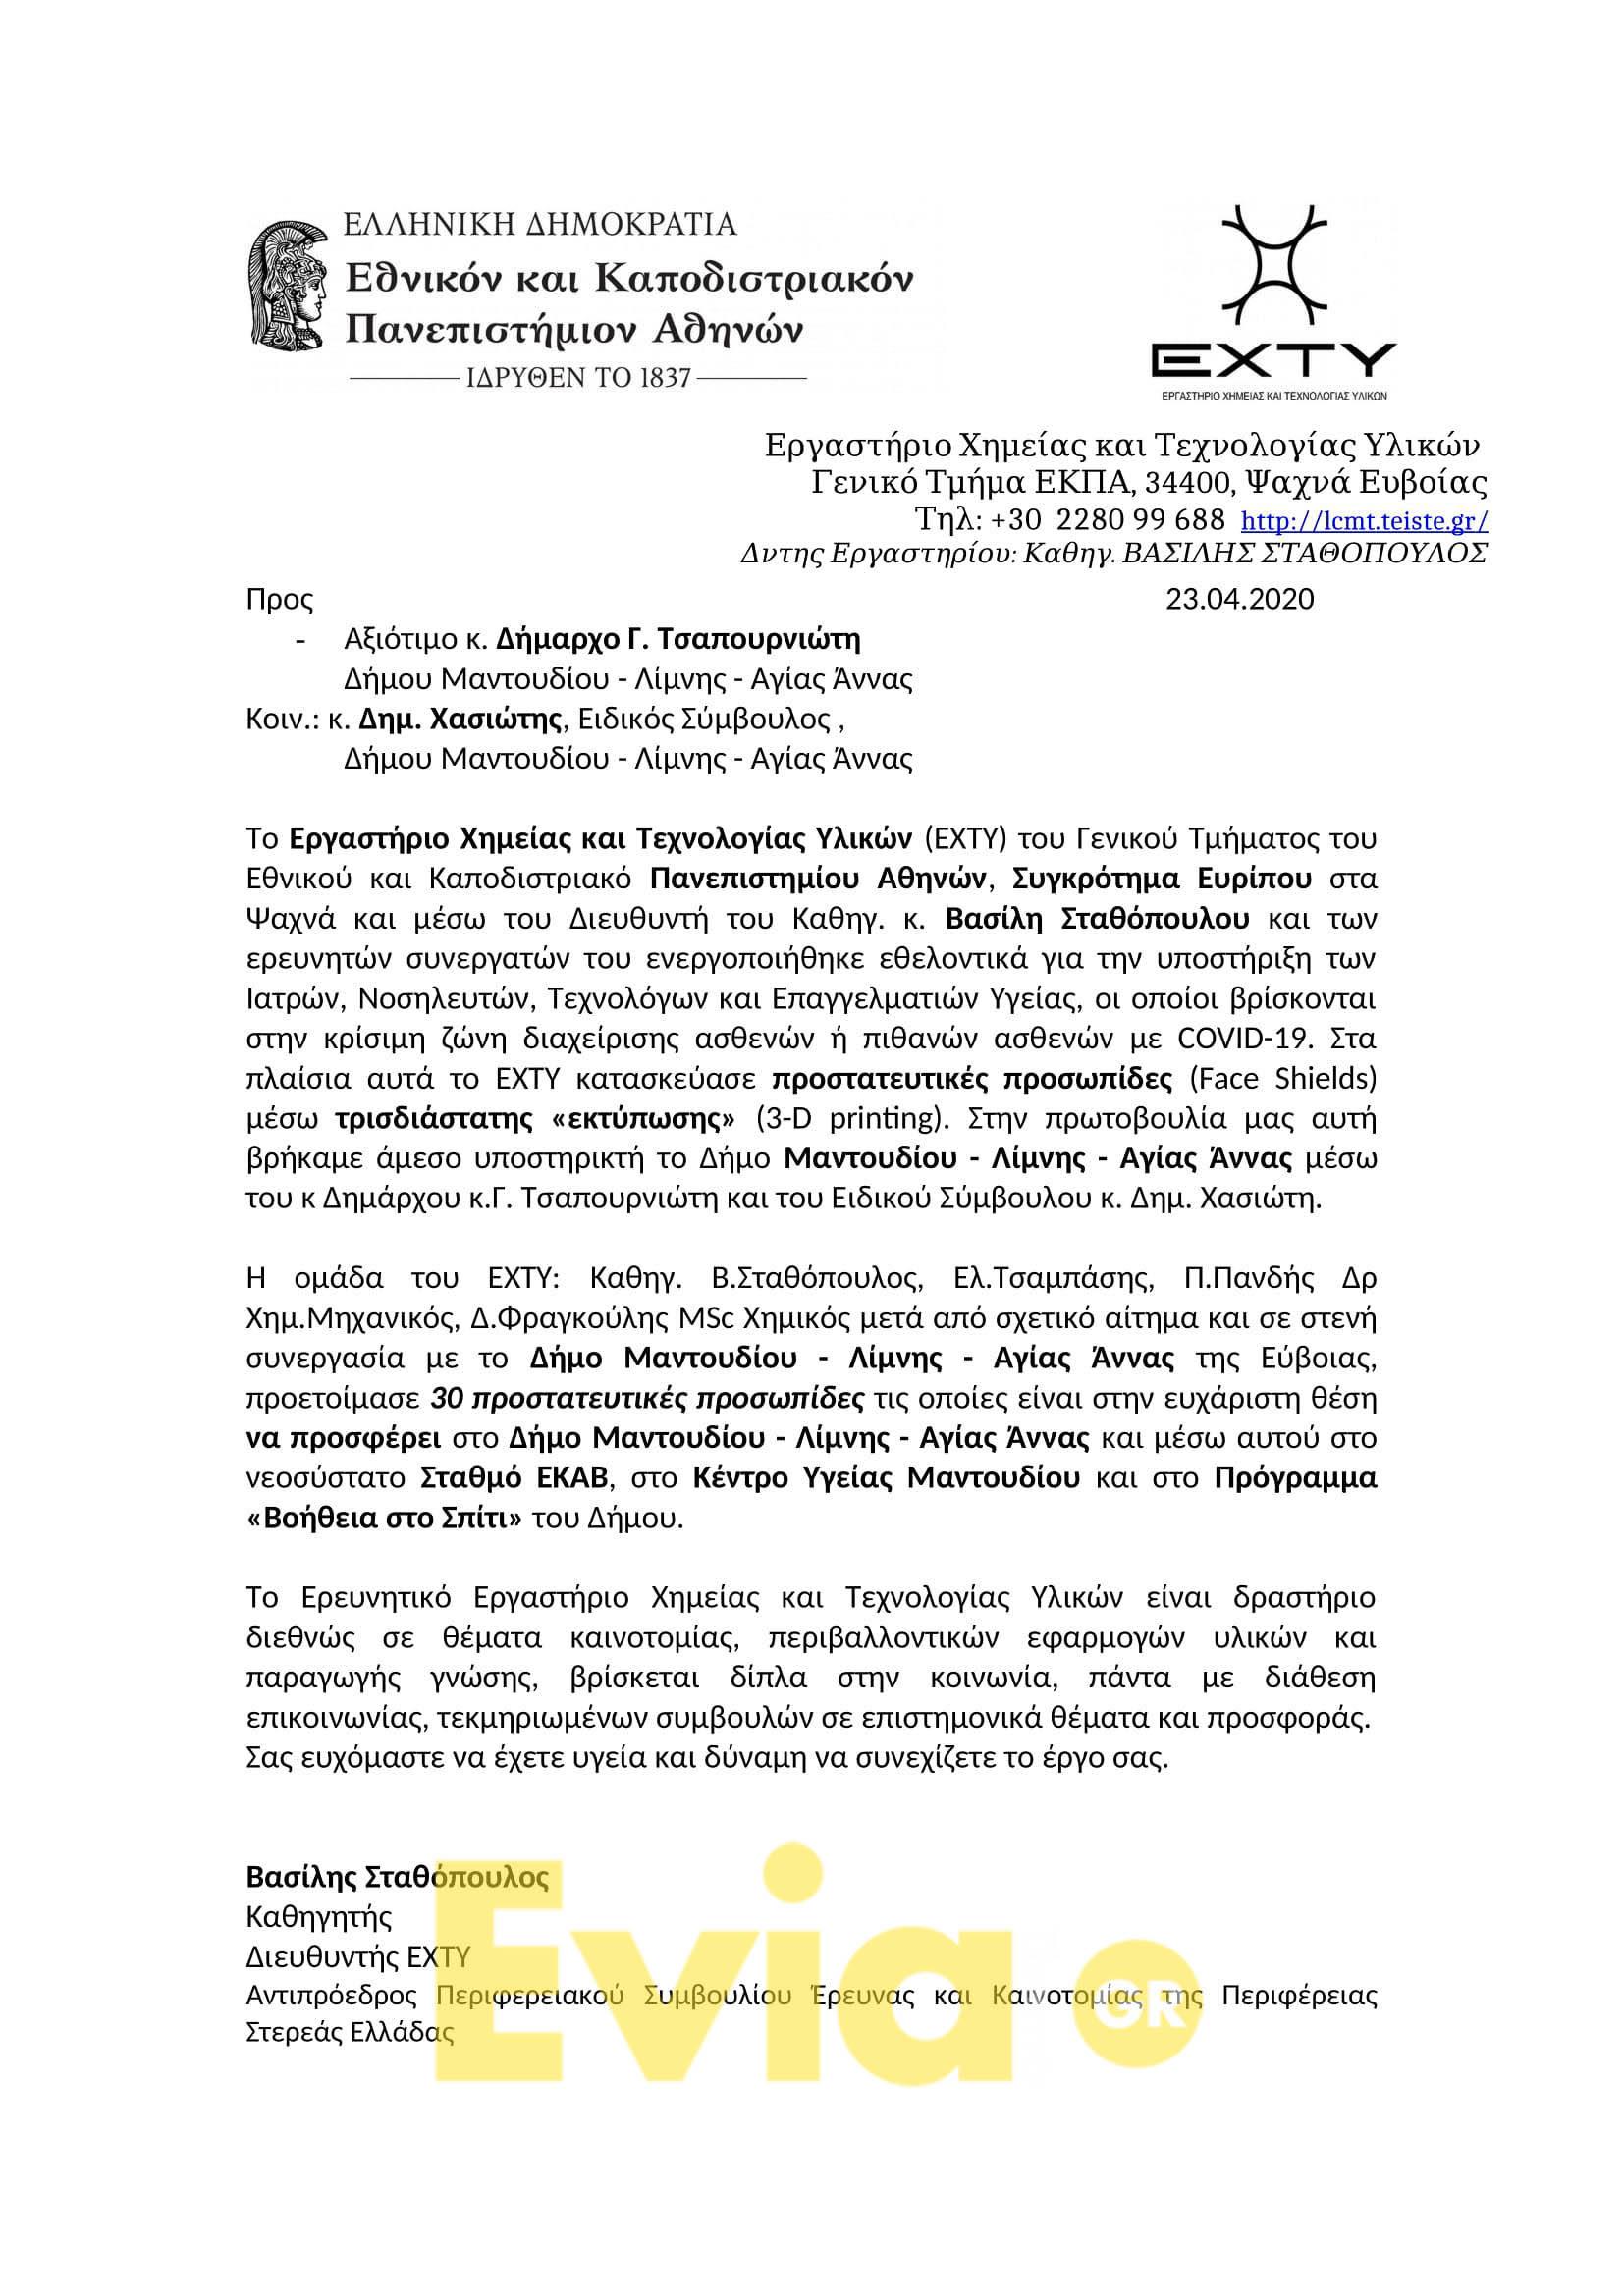 ΕΚΠΑ Ψαχνών, ΕΚΠΑ Ψαχνών: Δωρεά 30 προστατευτικών προσωπίδων στο Δήμο Μαντουδίου – Λίμνης – Αγ. Άννας, Eviathema.gr   Εύβοια Τοπ Νέα Ειδήσεις